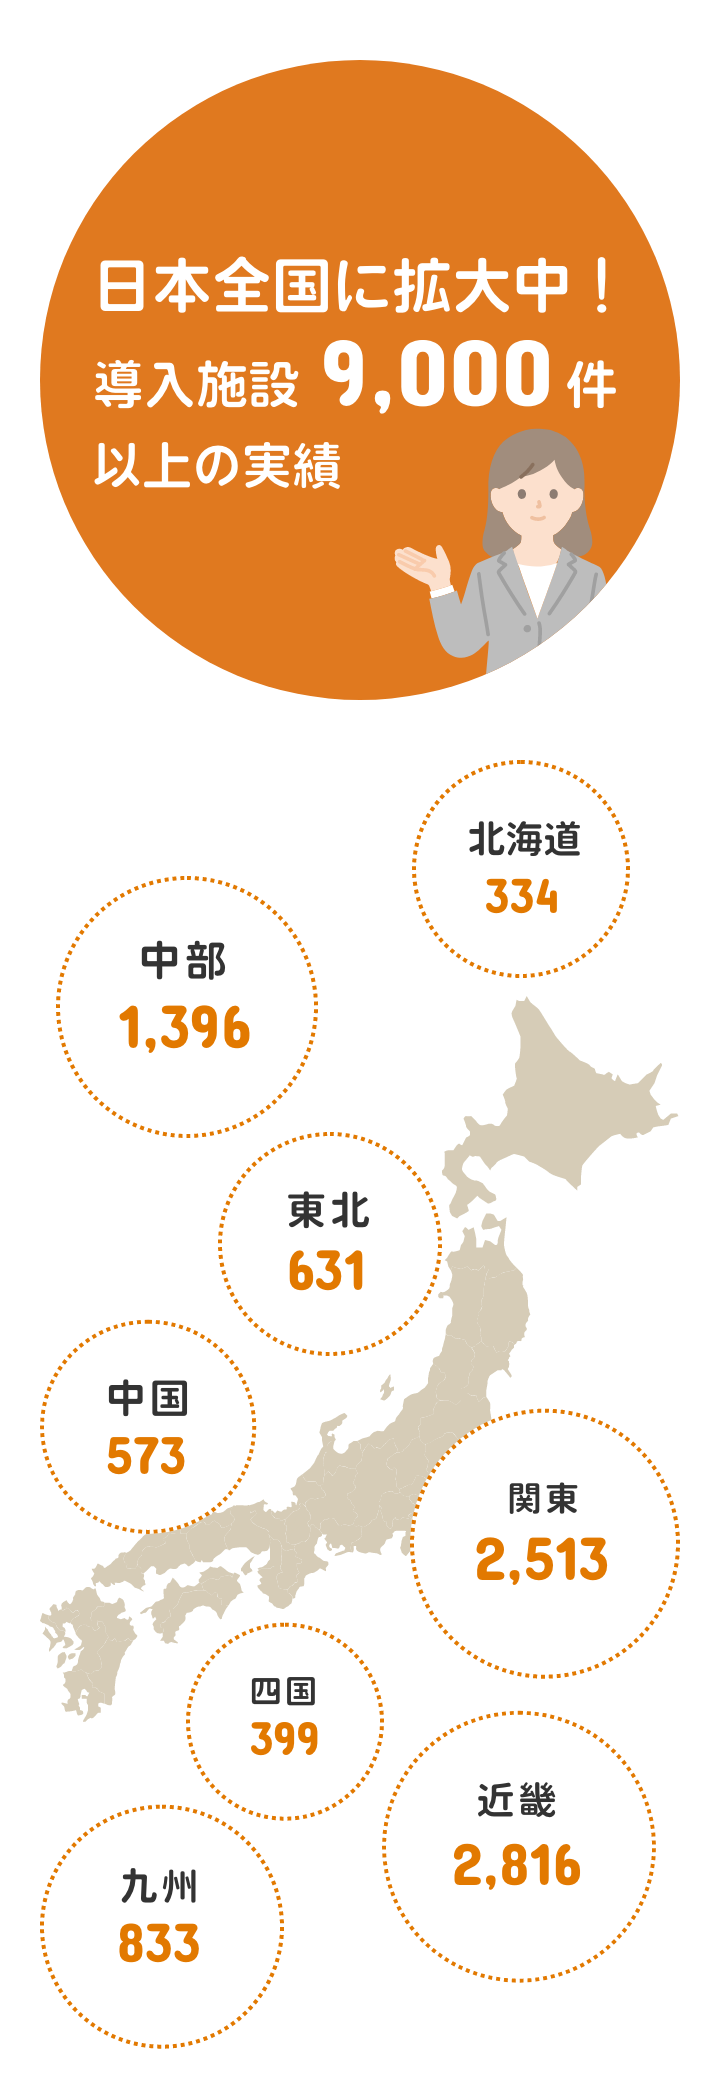 日本全国に拡大中!導入施設9,000件以上の実績